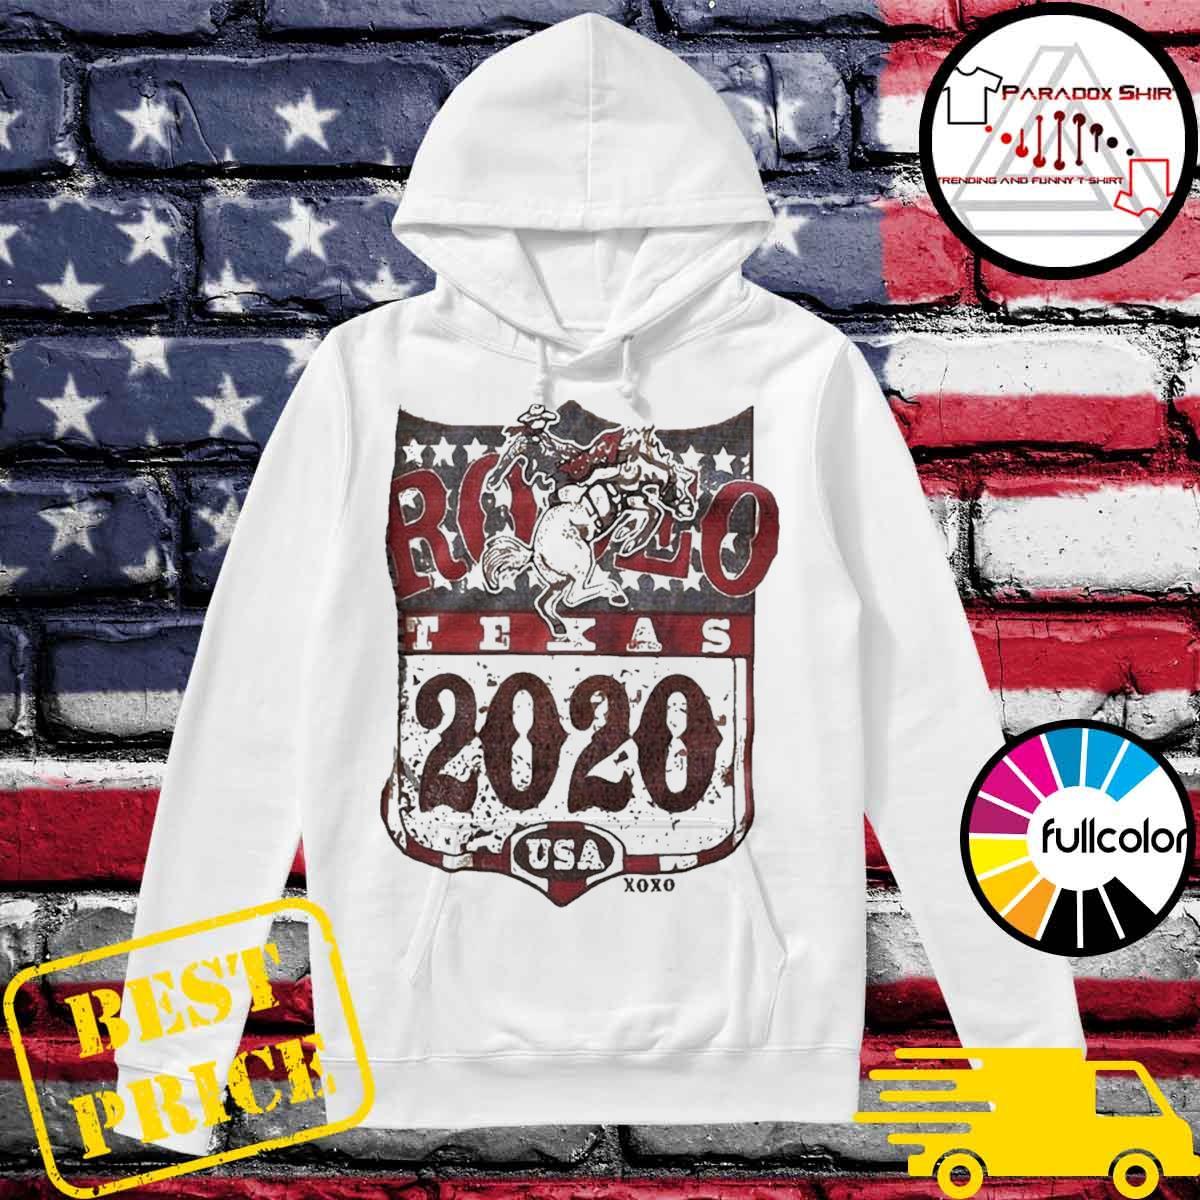 Cowboy rodeo texas 2020 American flag s Hoodie